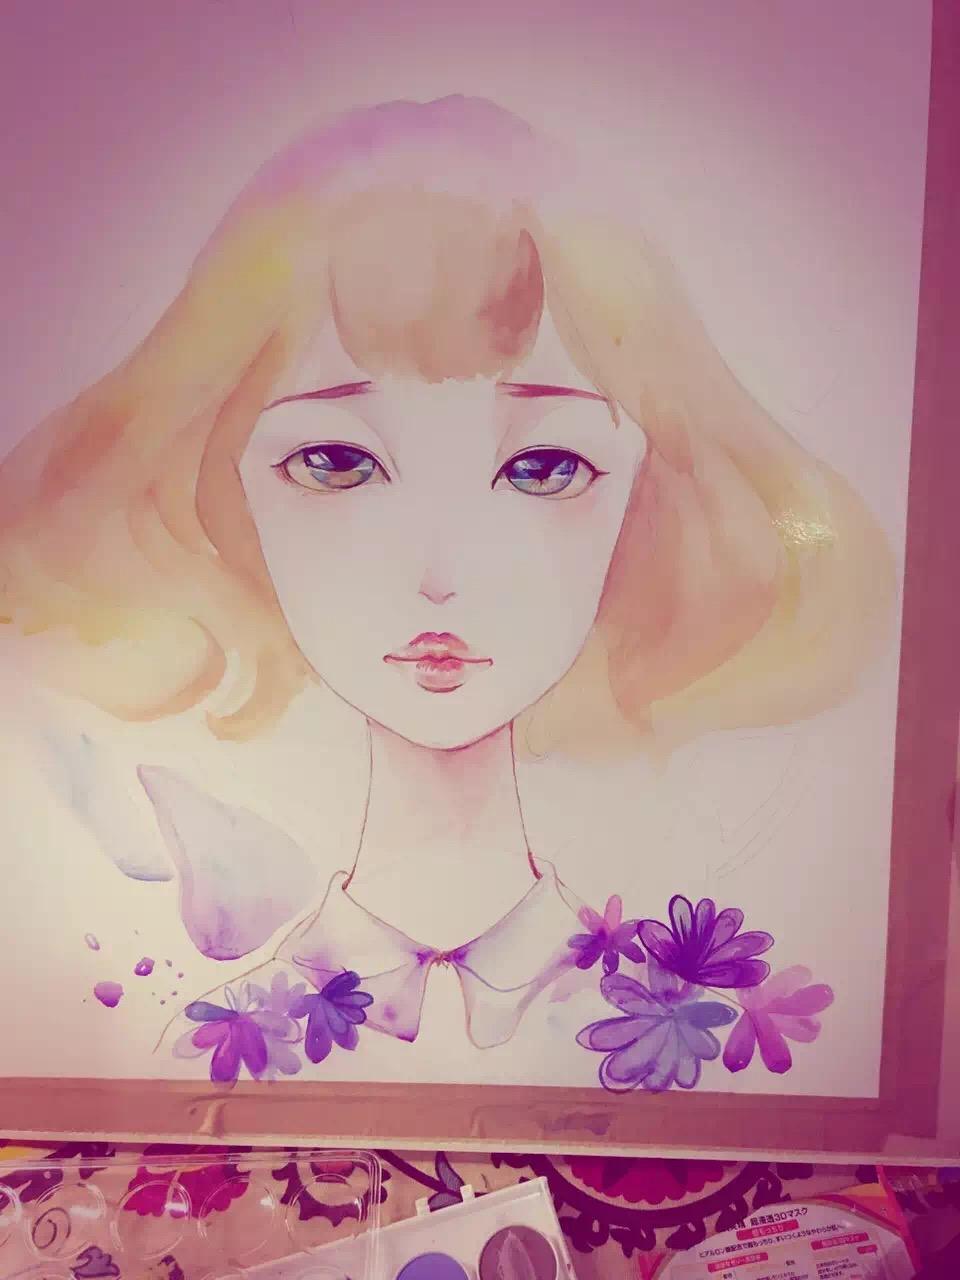 水彩手绘,水彩插画,装饰画,水彩手绘女孩